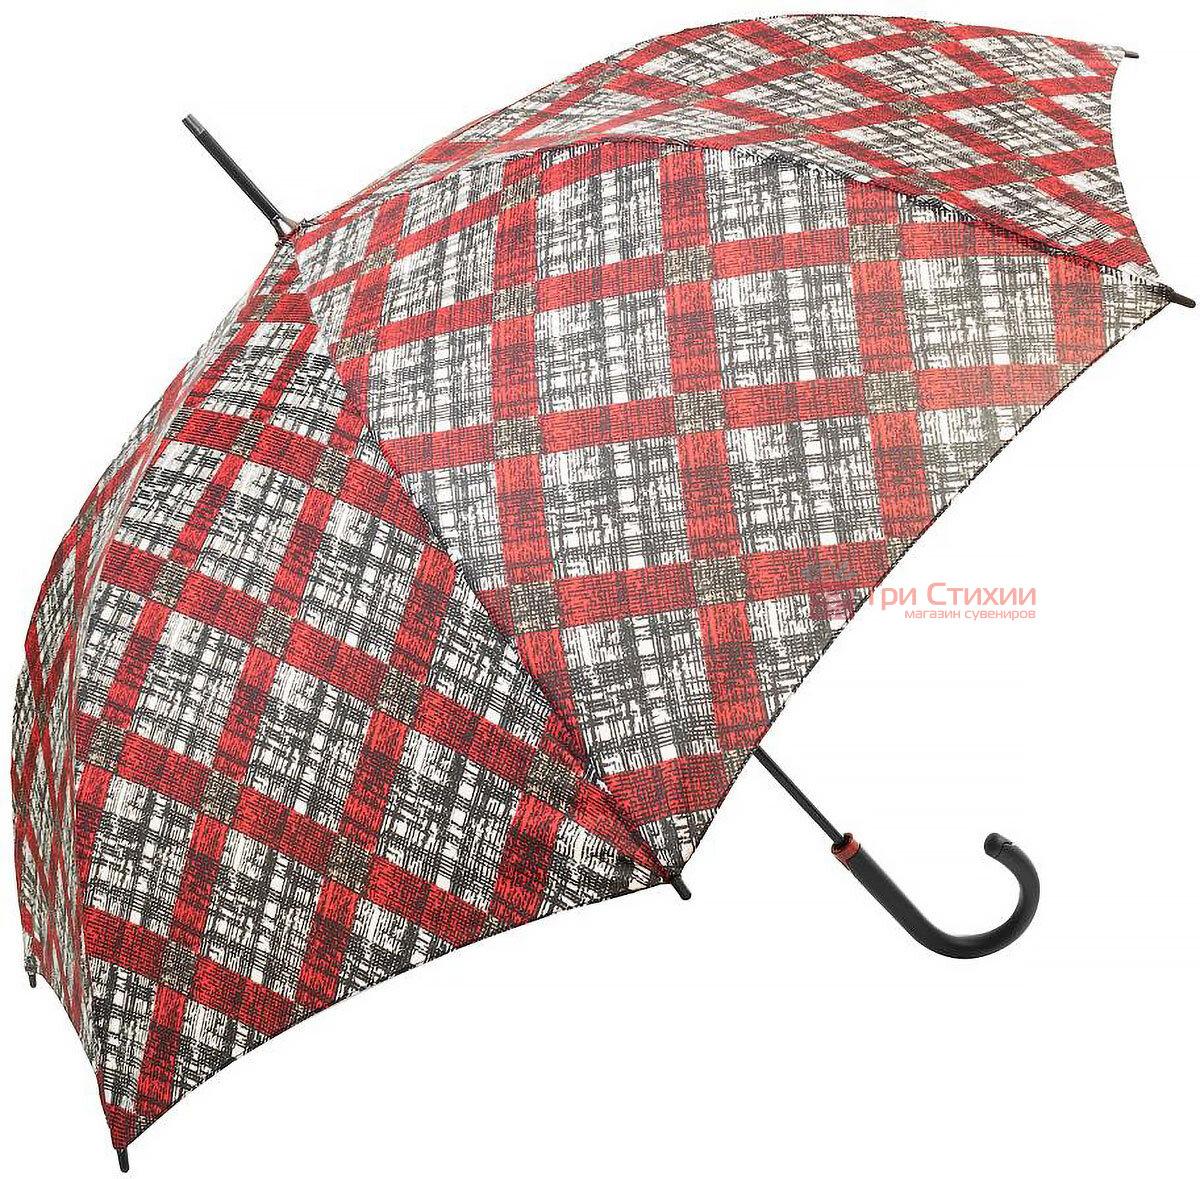 Зонт-трость Doppler 740765К-2 полуавтомат Красная клетка, Цвет: Красный, фото